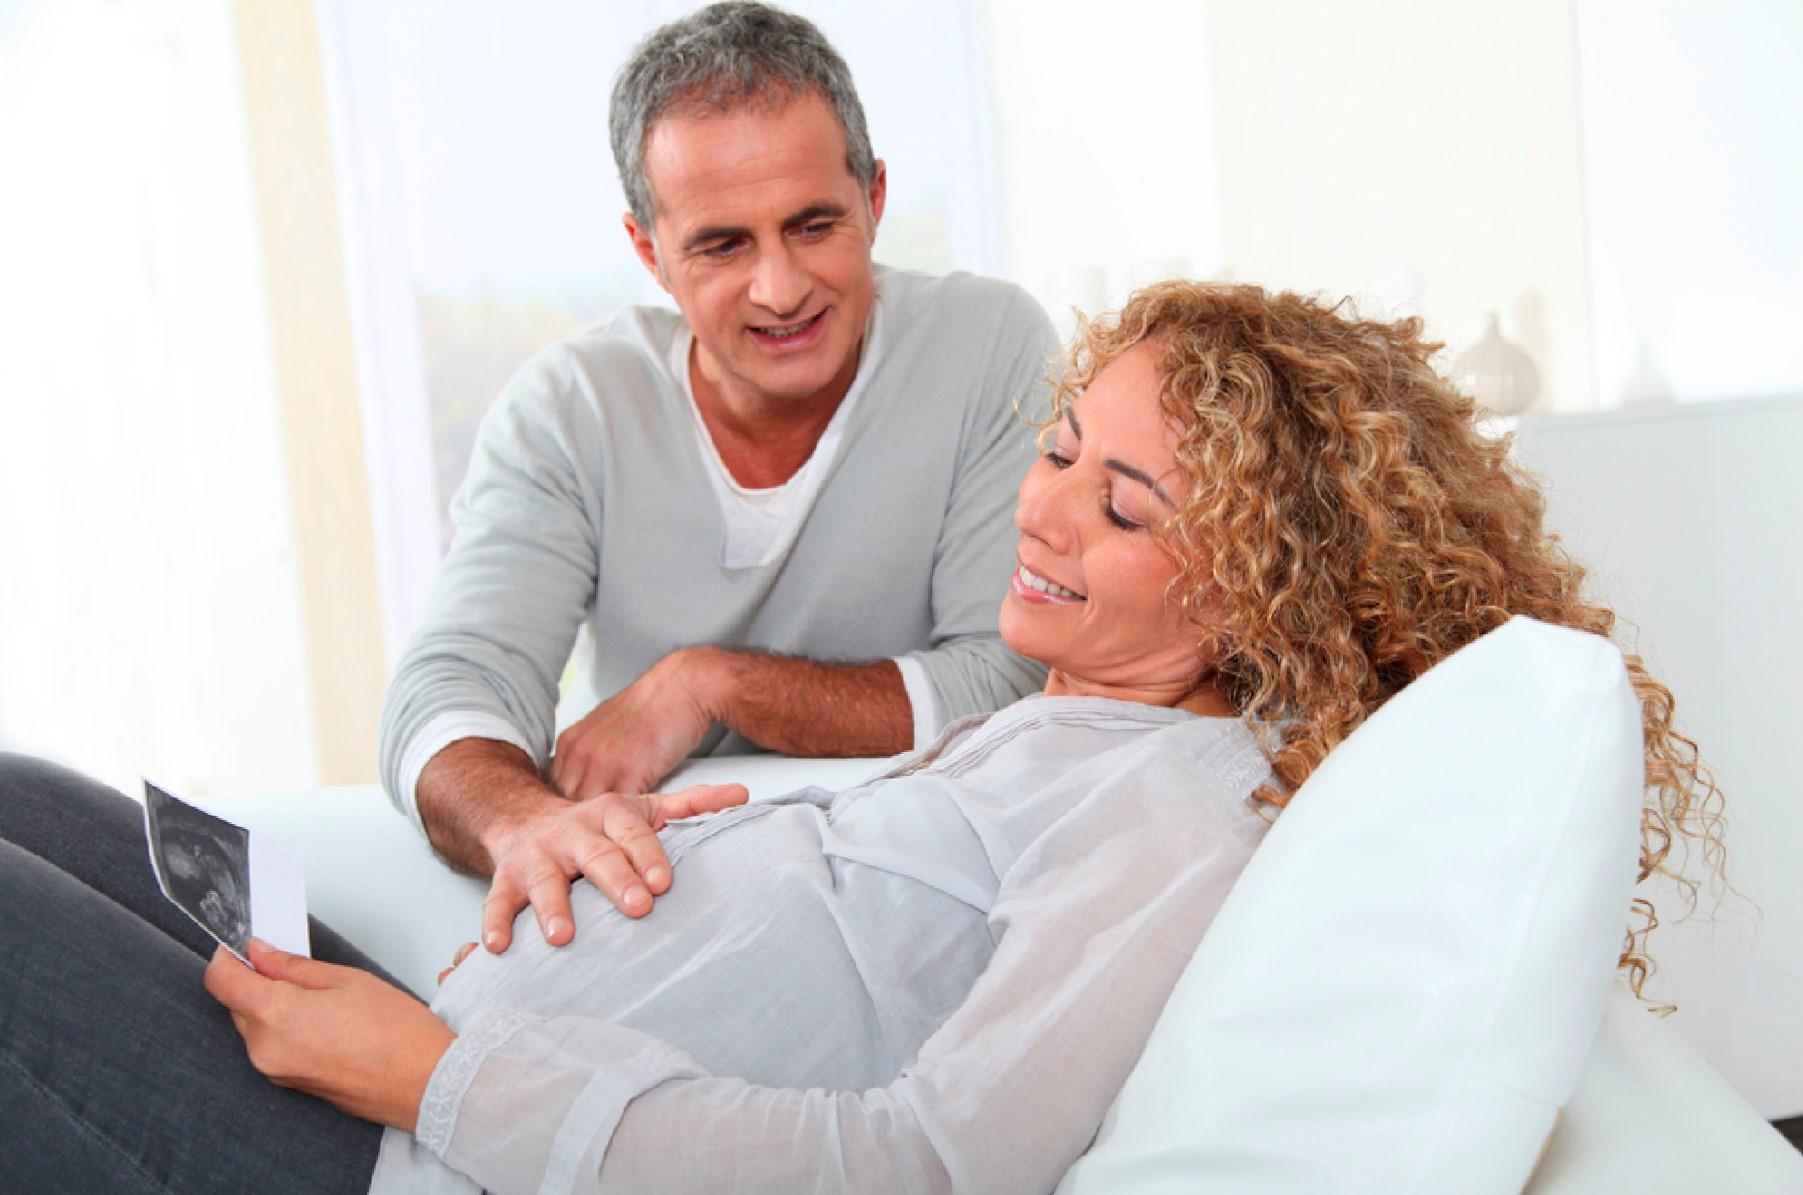 Queda de fertilidade: entenda mais sobre este processo natural